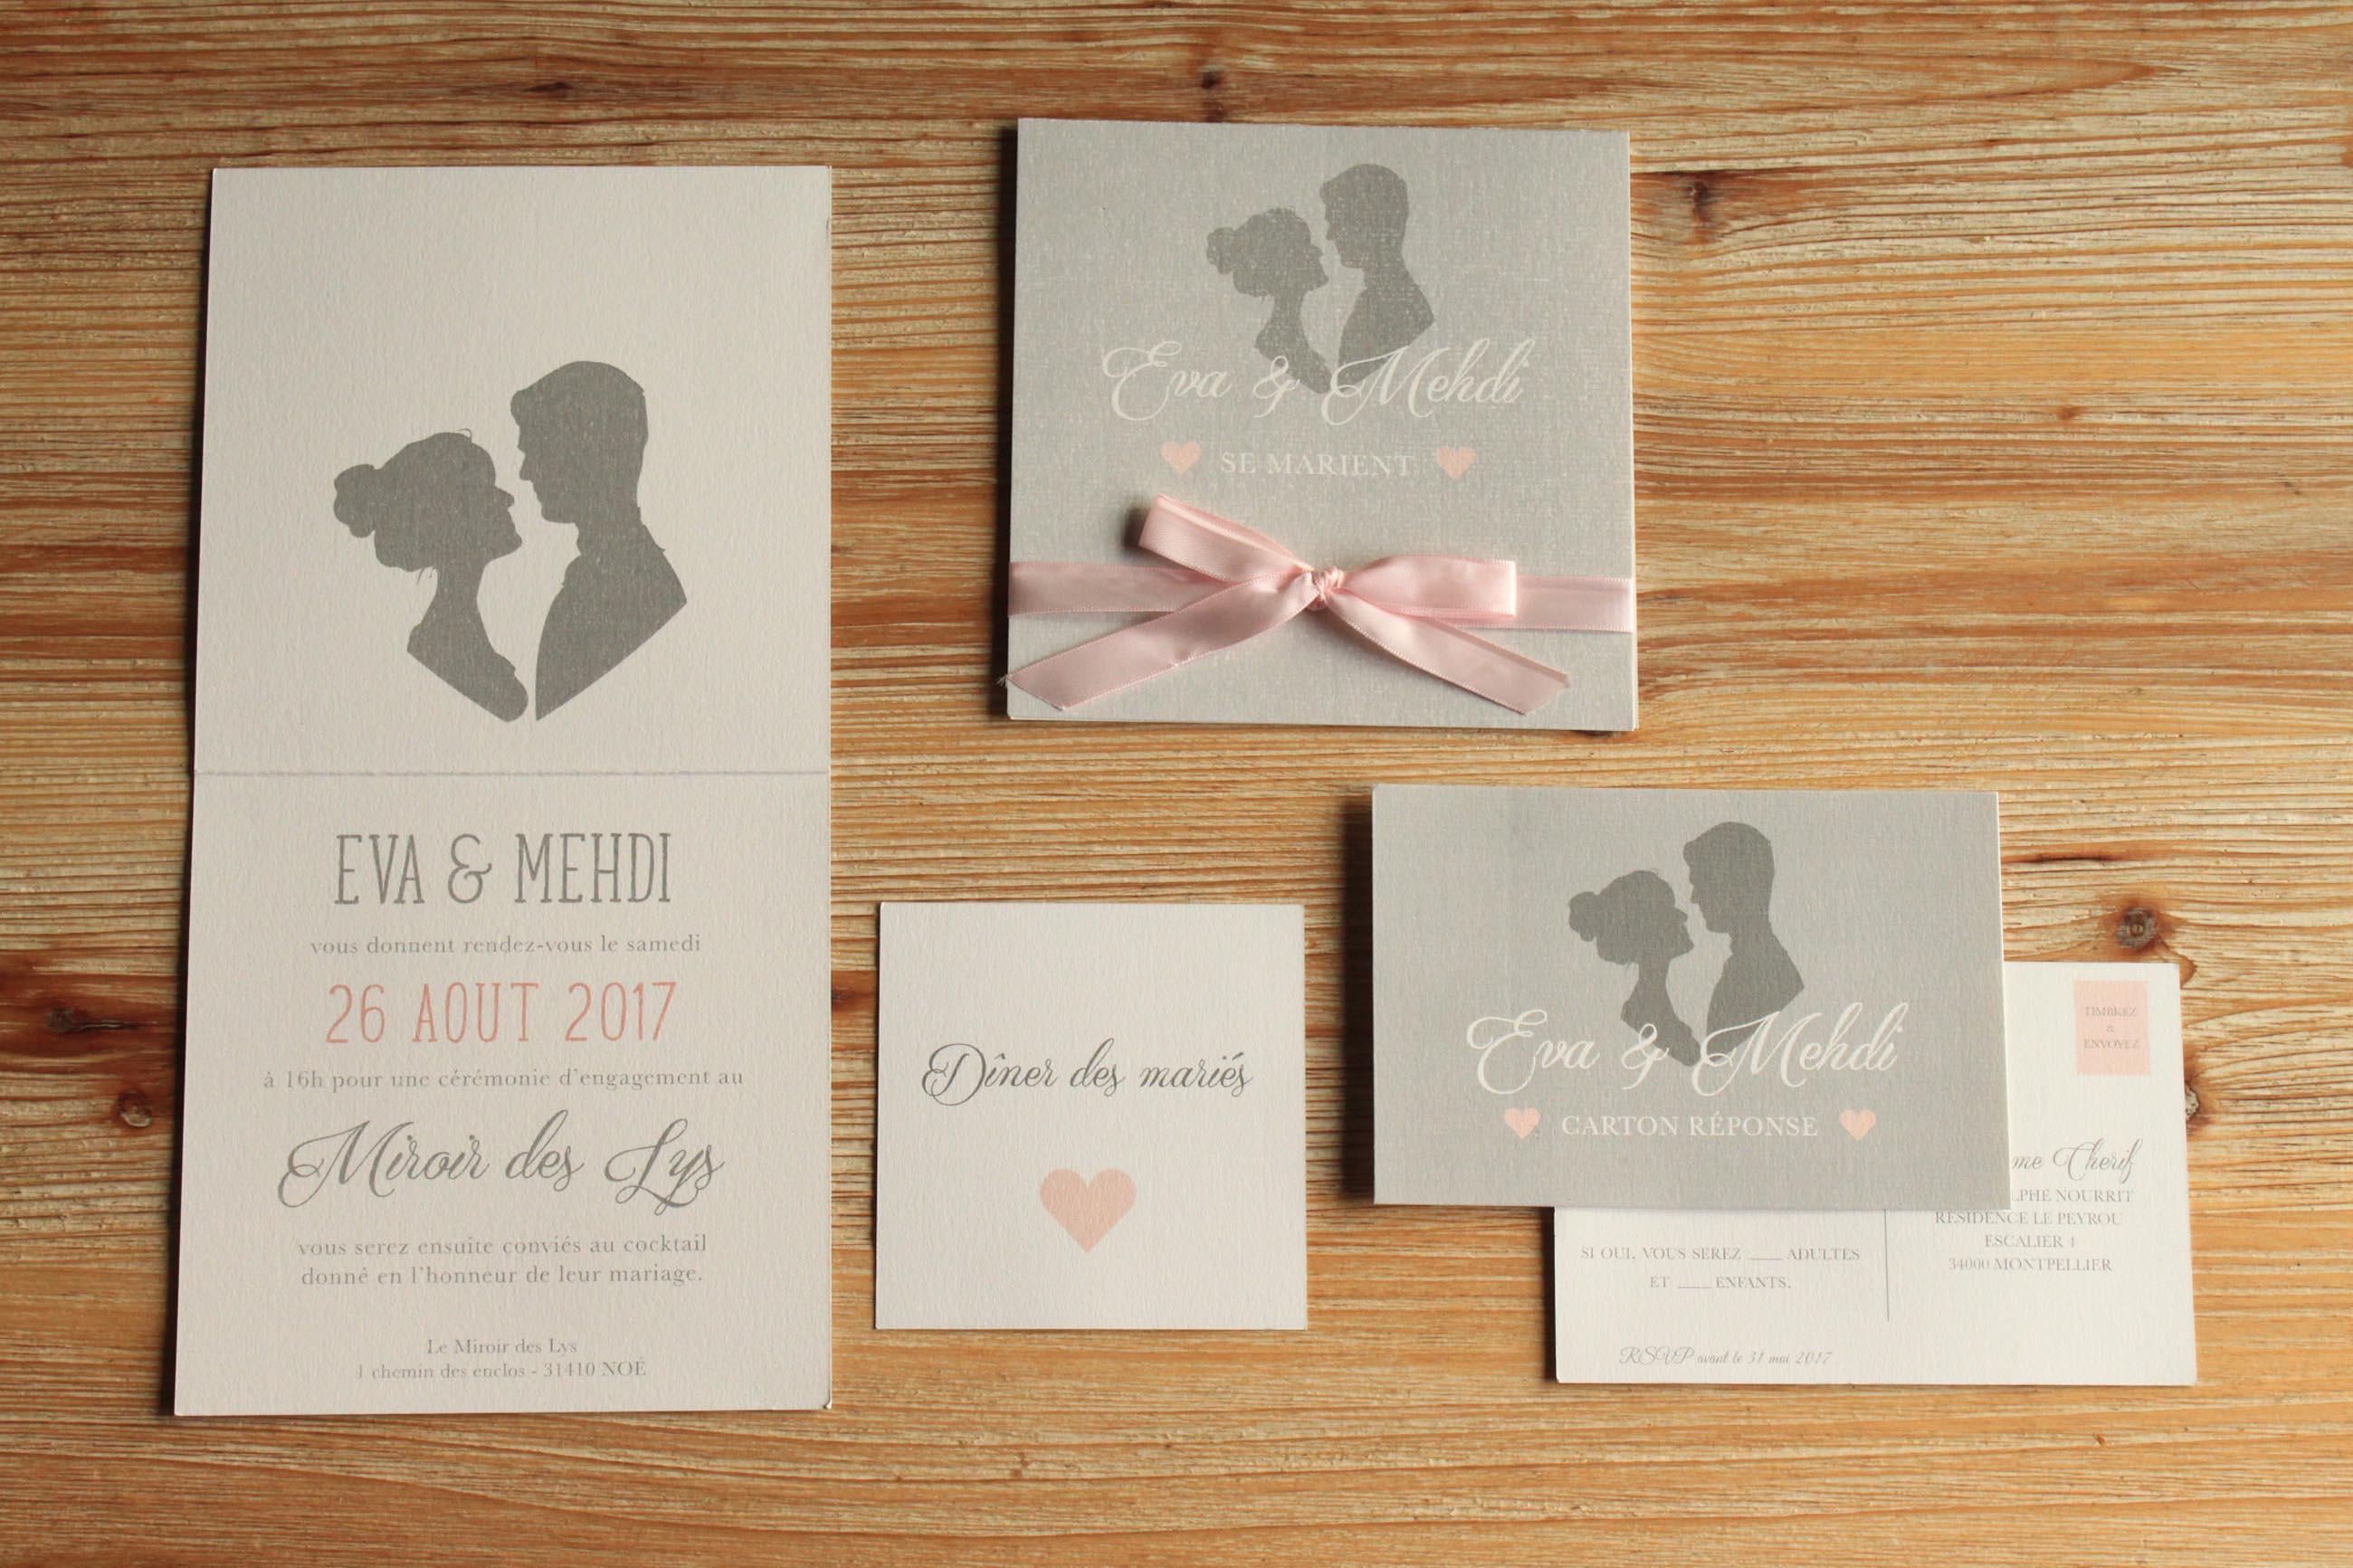 Extrêmement Faire-part mariage Archives | Le Comptoir du Bonheur by Vincelie SS27